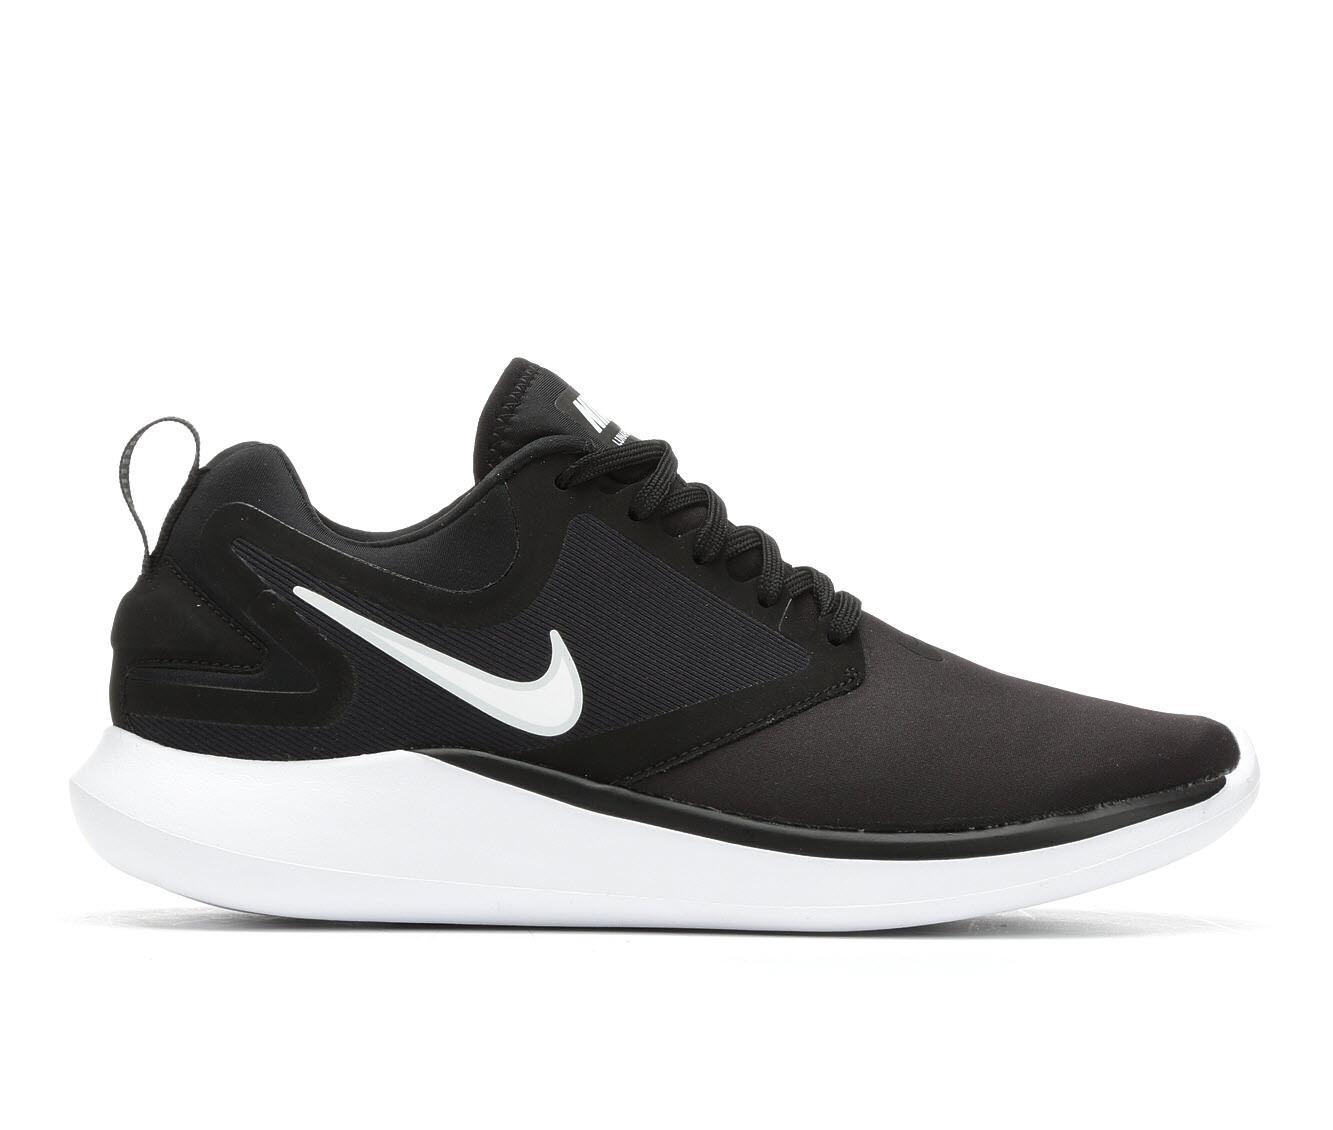 c3779a16b4e12 ... cheap womens nike lunarsolo running shoes shoe carnival 25ecc cbd3b ...